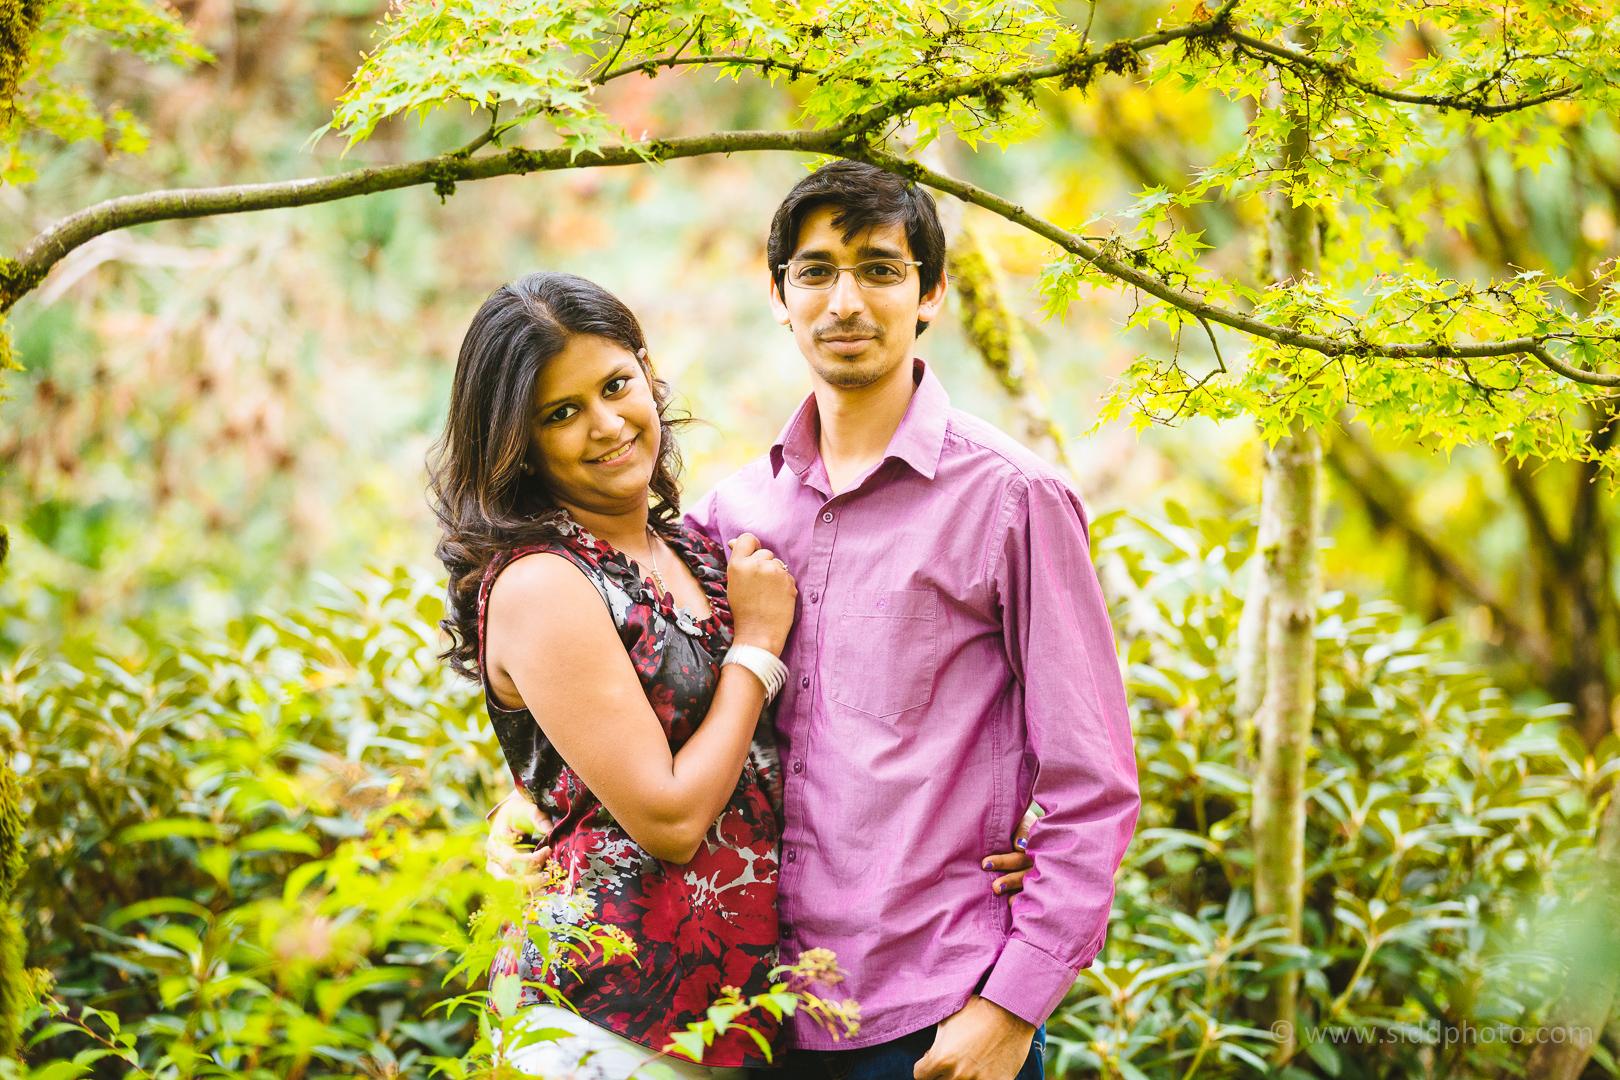 2014-10-24 - 2014-10-25 - Mugdha Aniruddha Family - _O5C7225